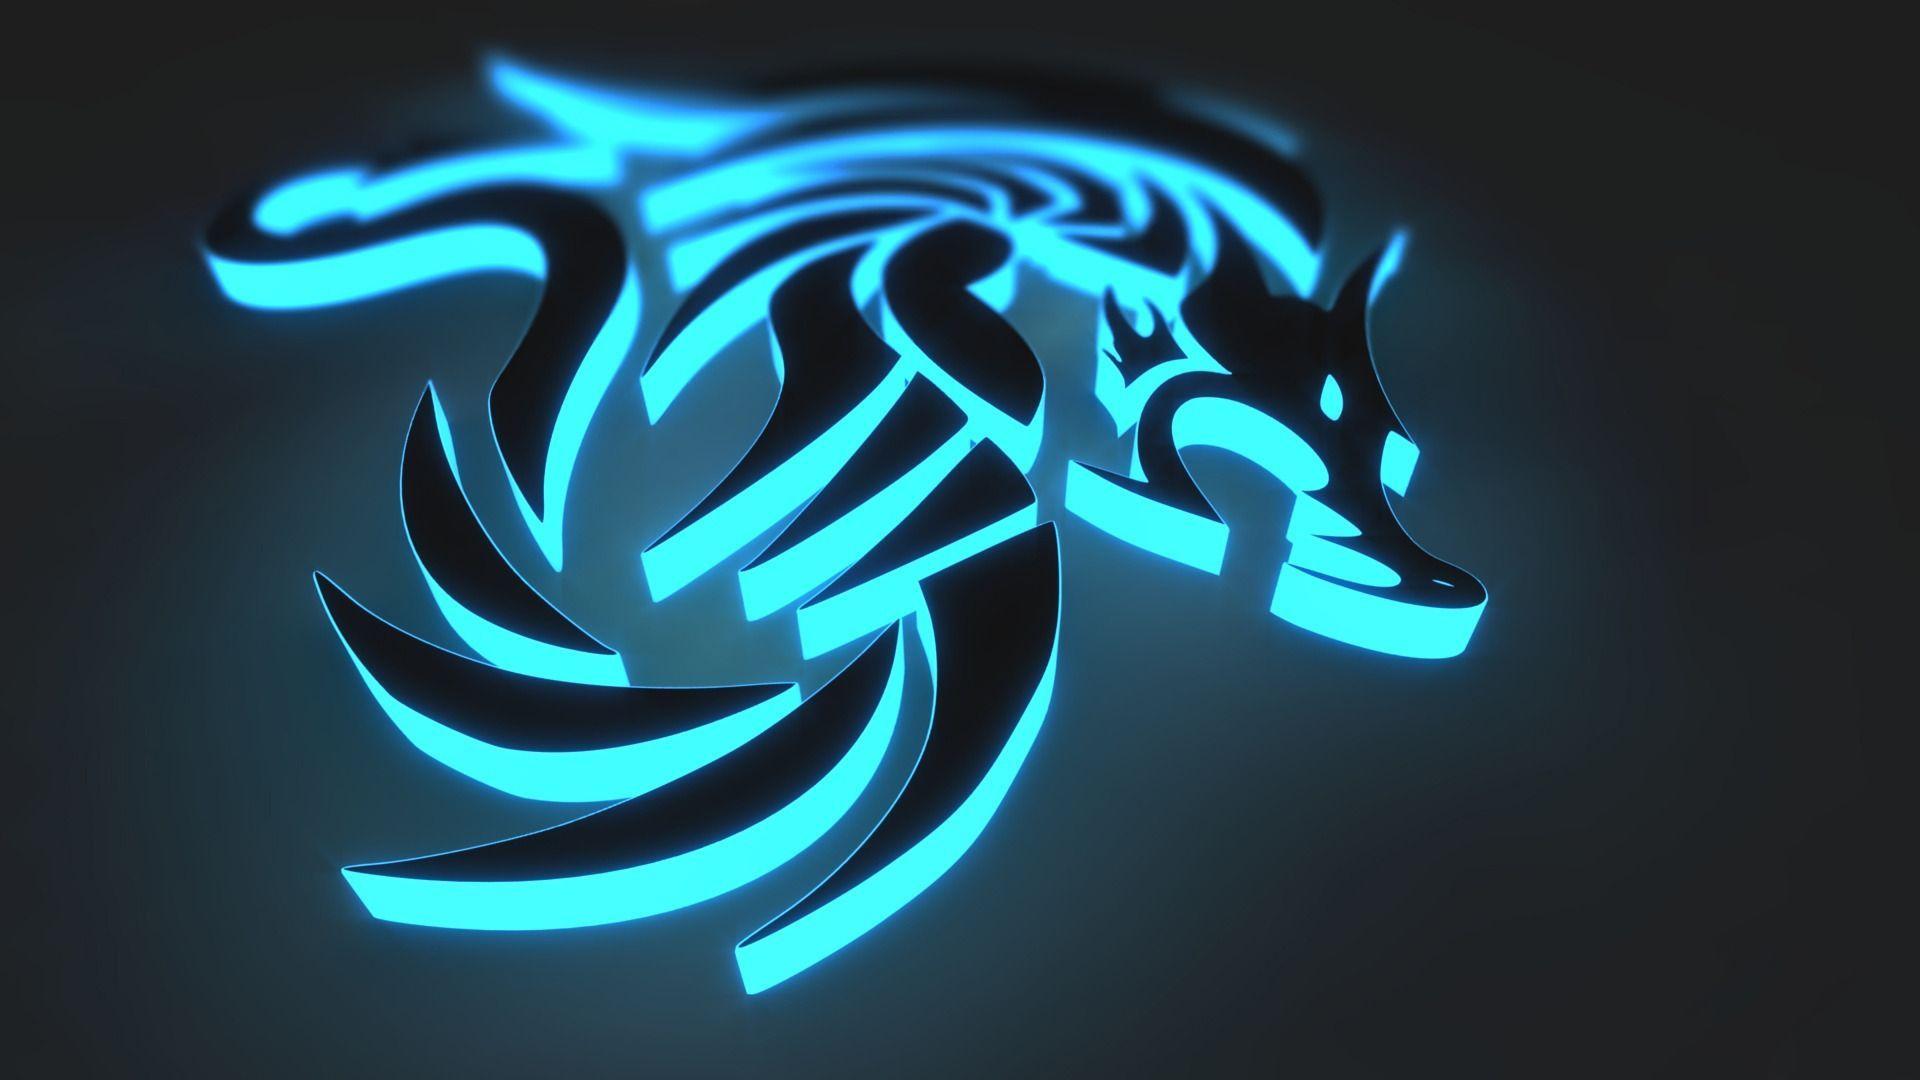 blue metal 3d dragon model wallpaper